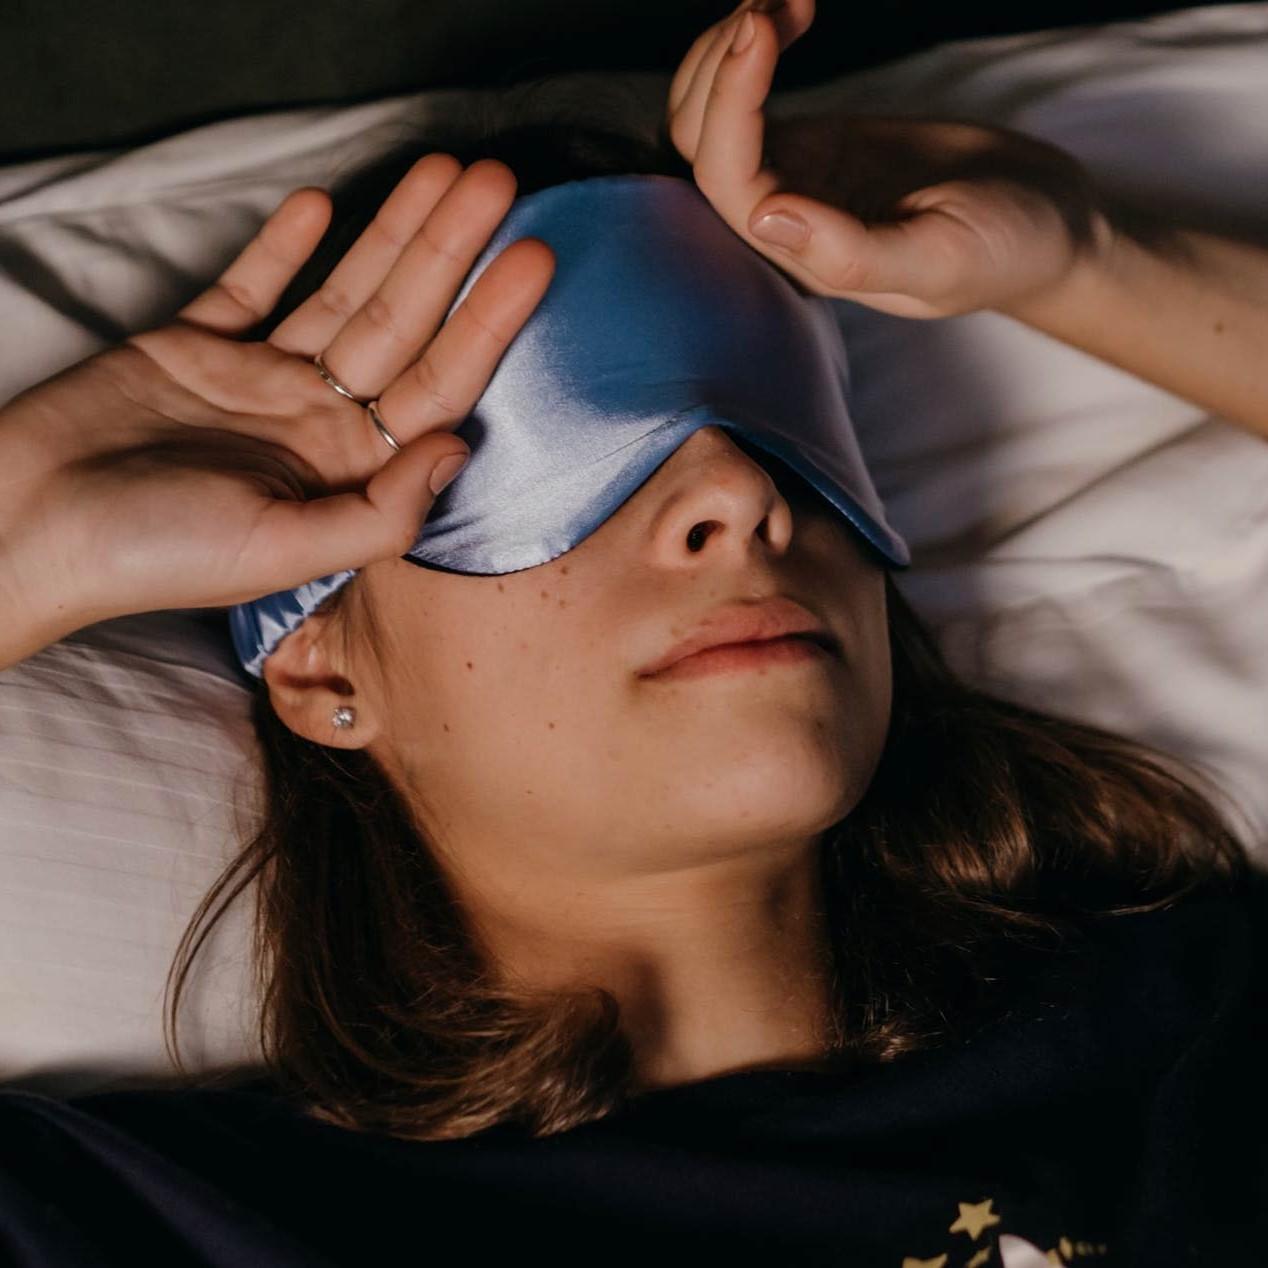 Habitos del sueño consejos médicos para dormir mejor sin medicinas